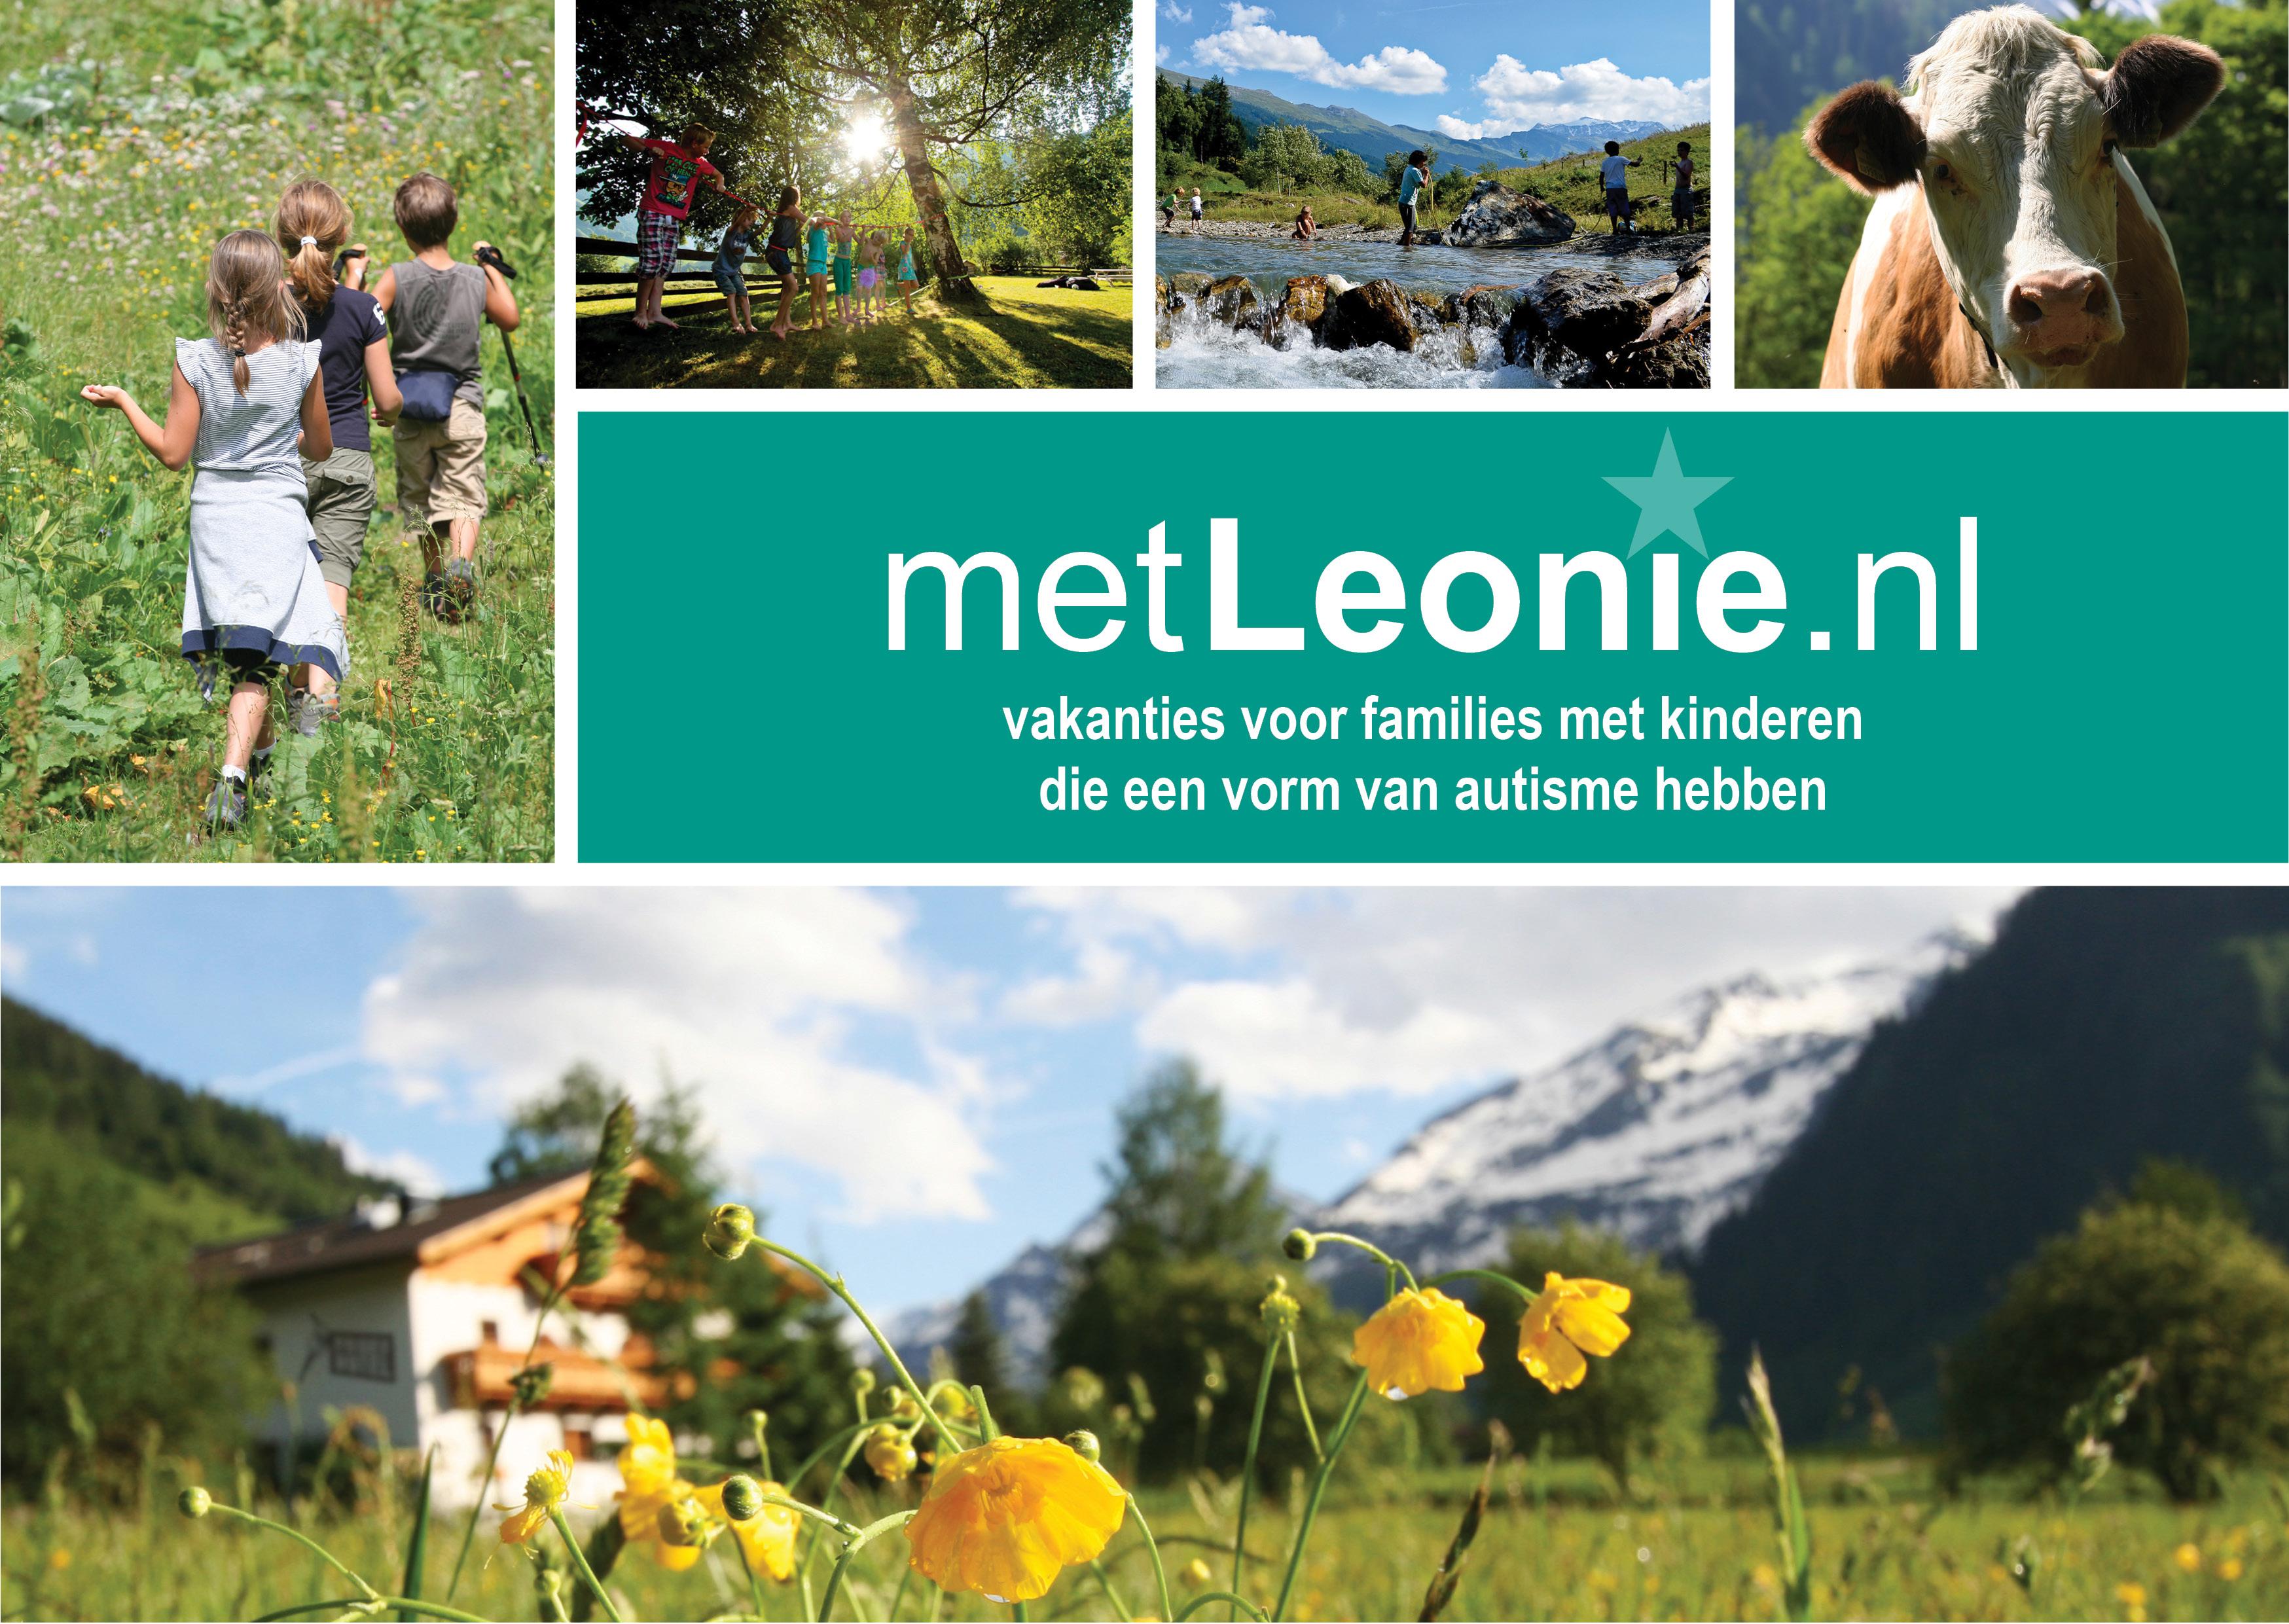 vakantie autistische kinderen wintersport Oostenrijk metLeonie.nl